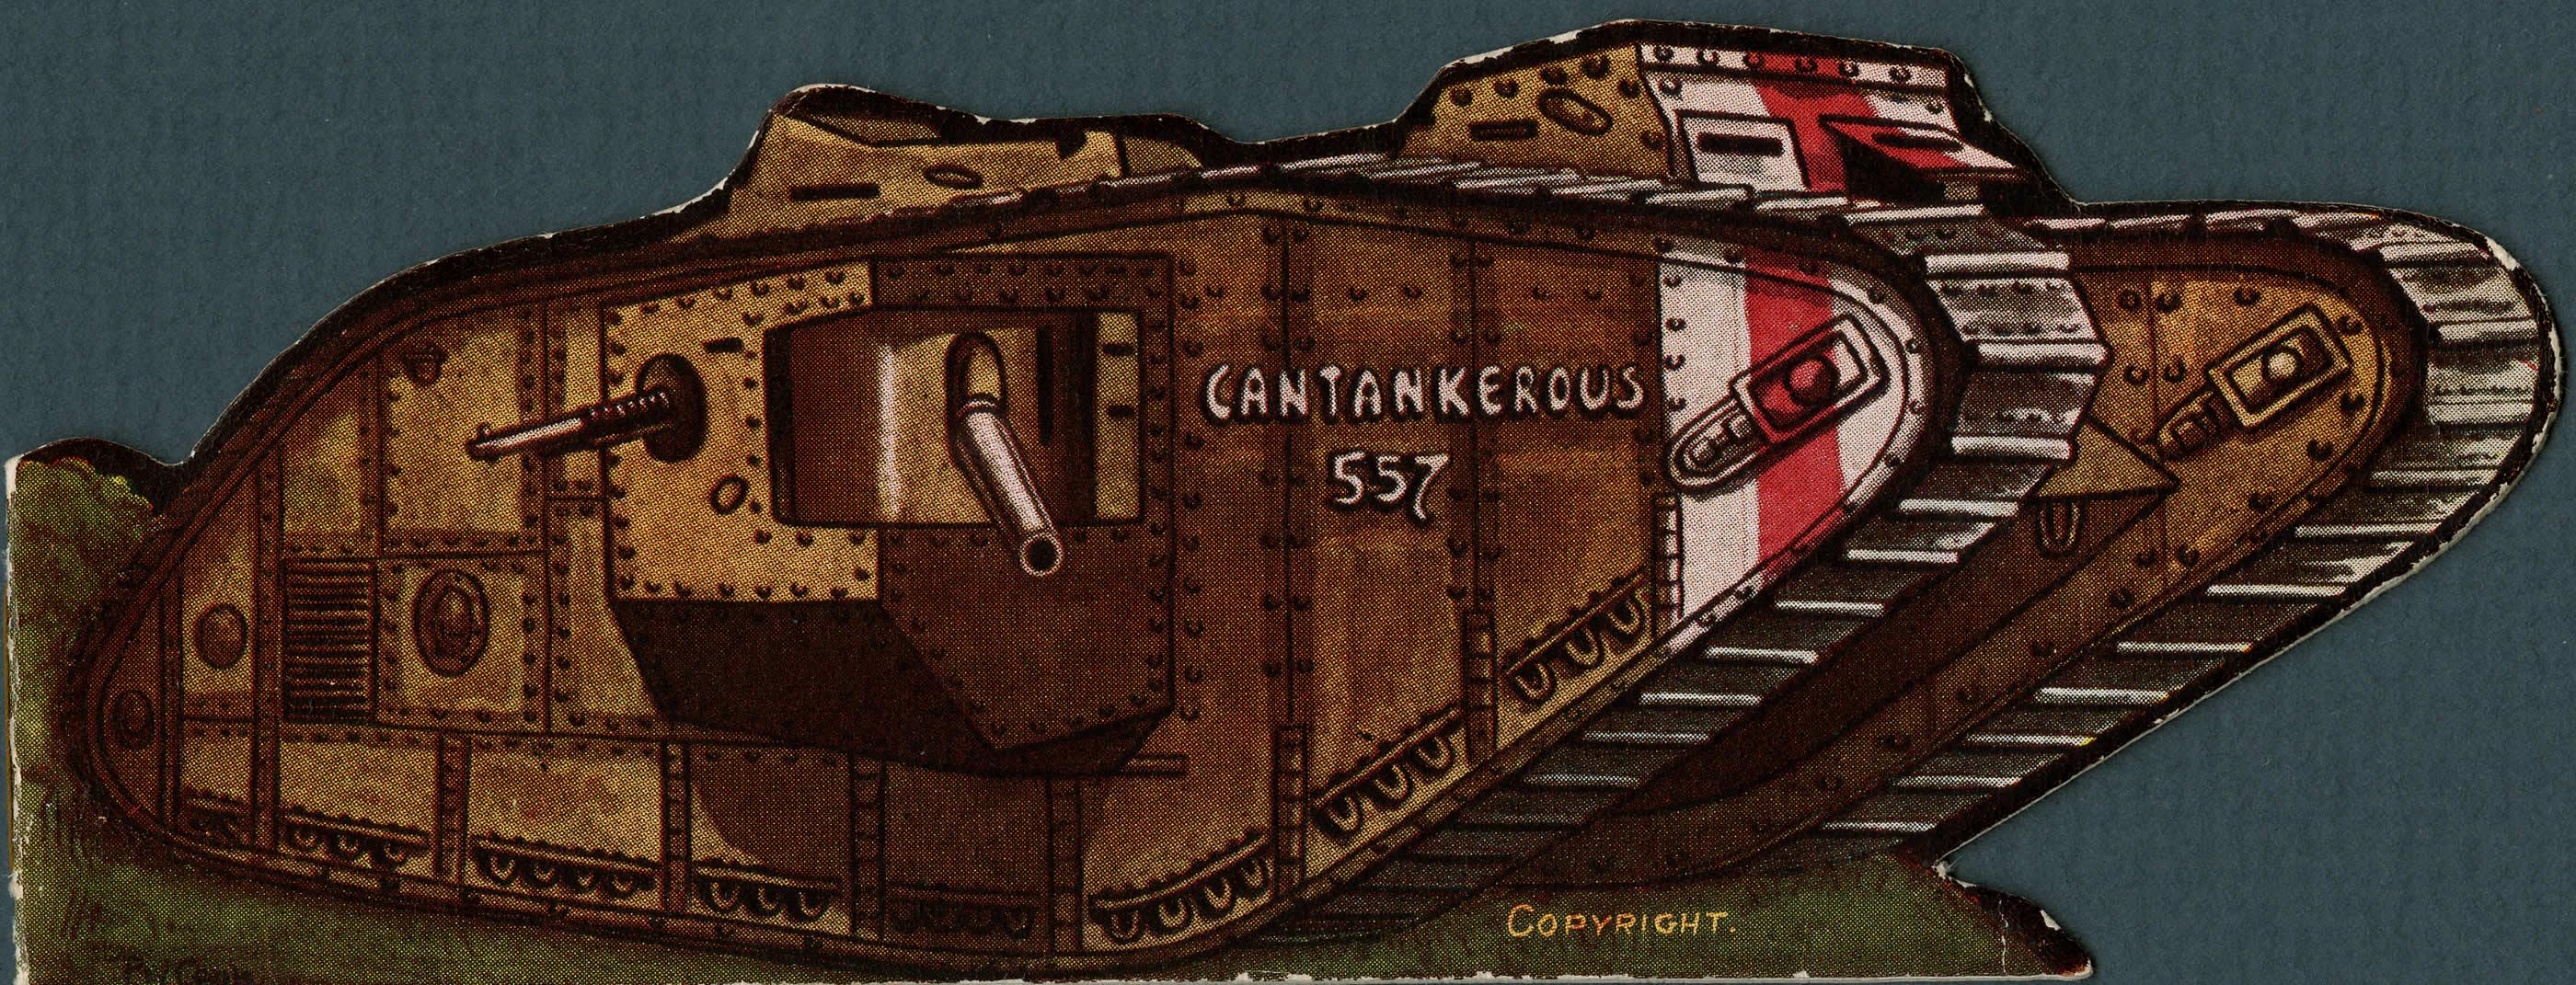 Carte de Noël représentant un char